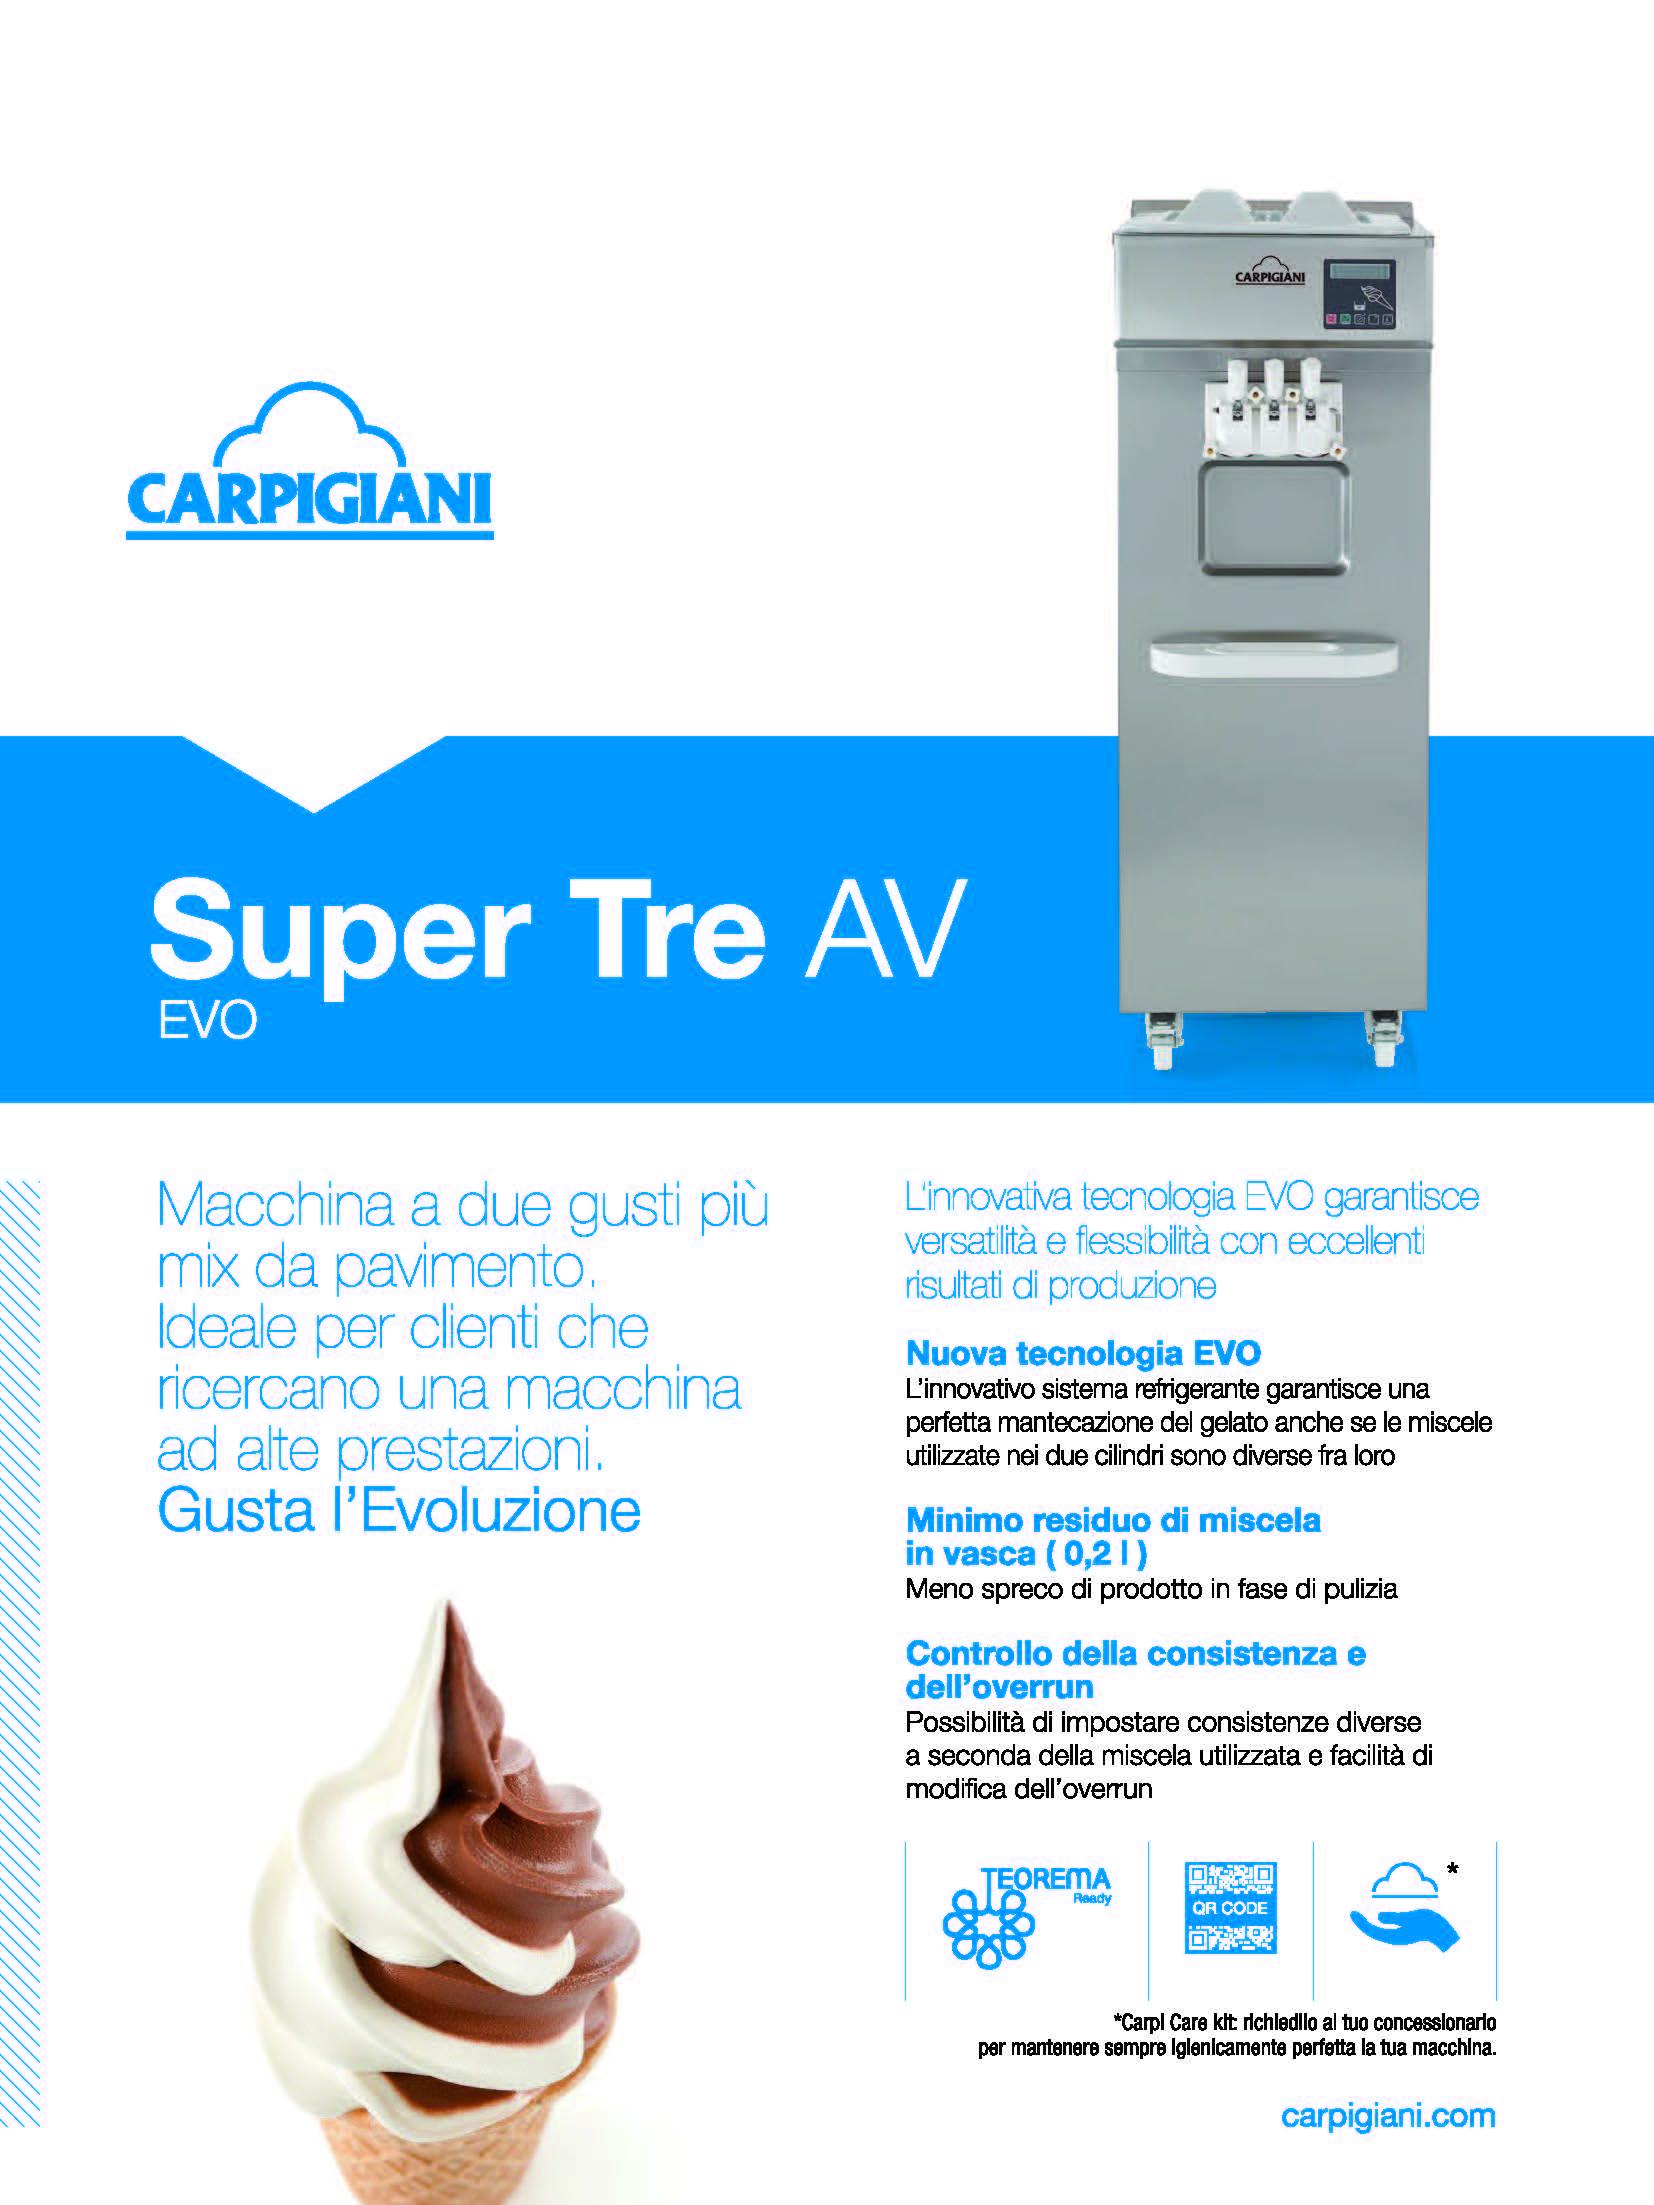 Carpigiani – Super 3 AV EVO